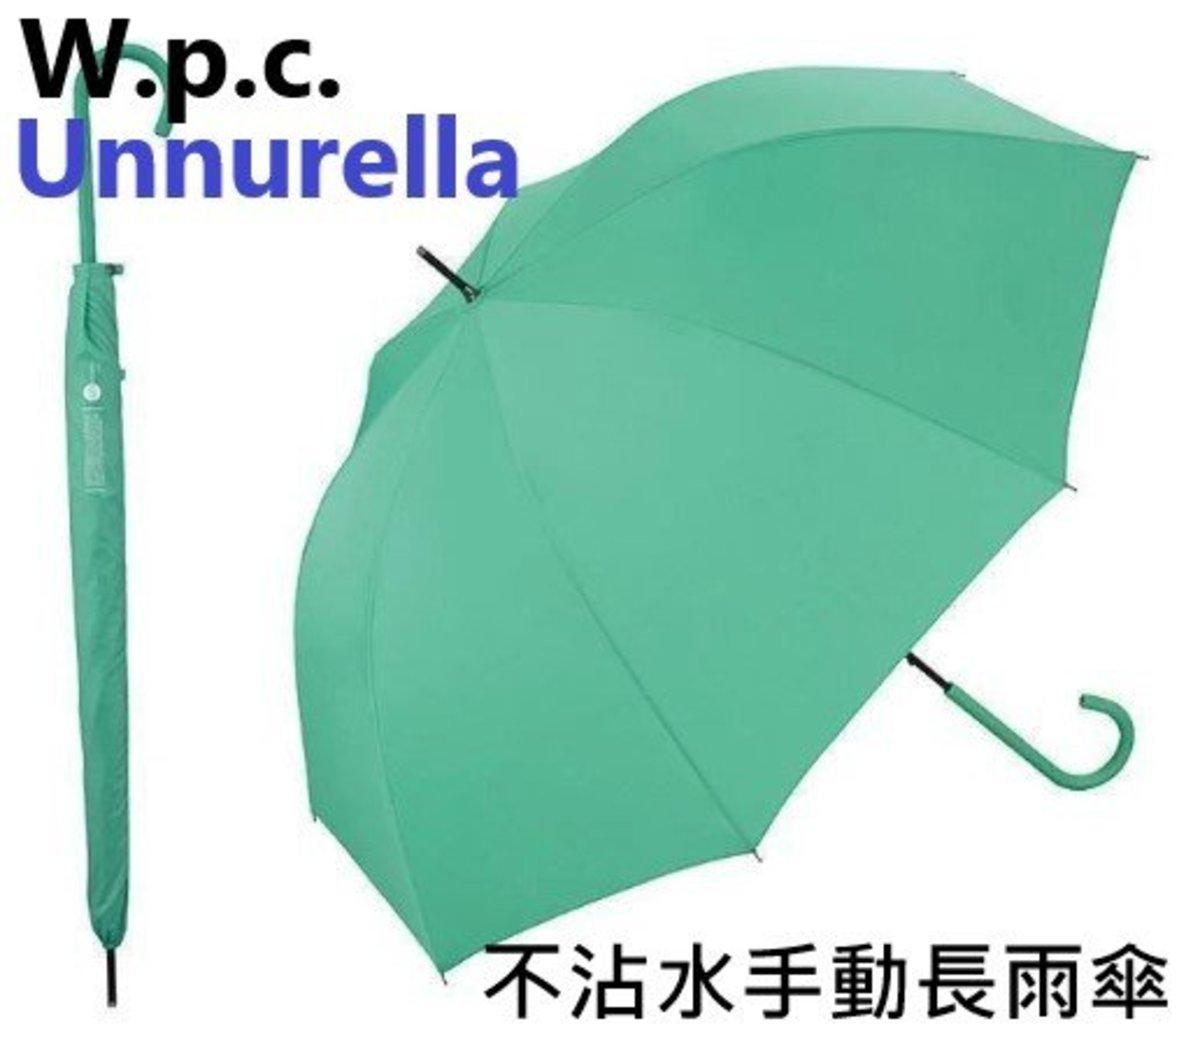 (UN-1006)Unnurella日本瞬間滴水不沾長雨傘 - 綠色